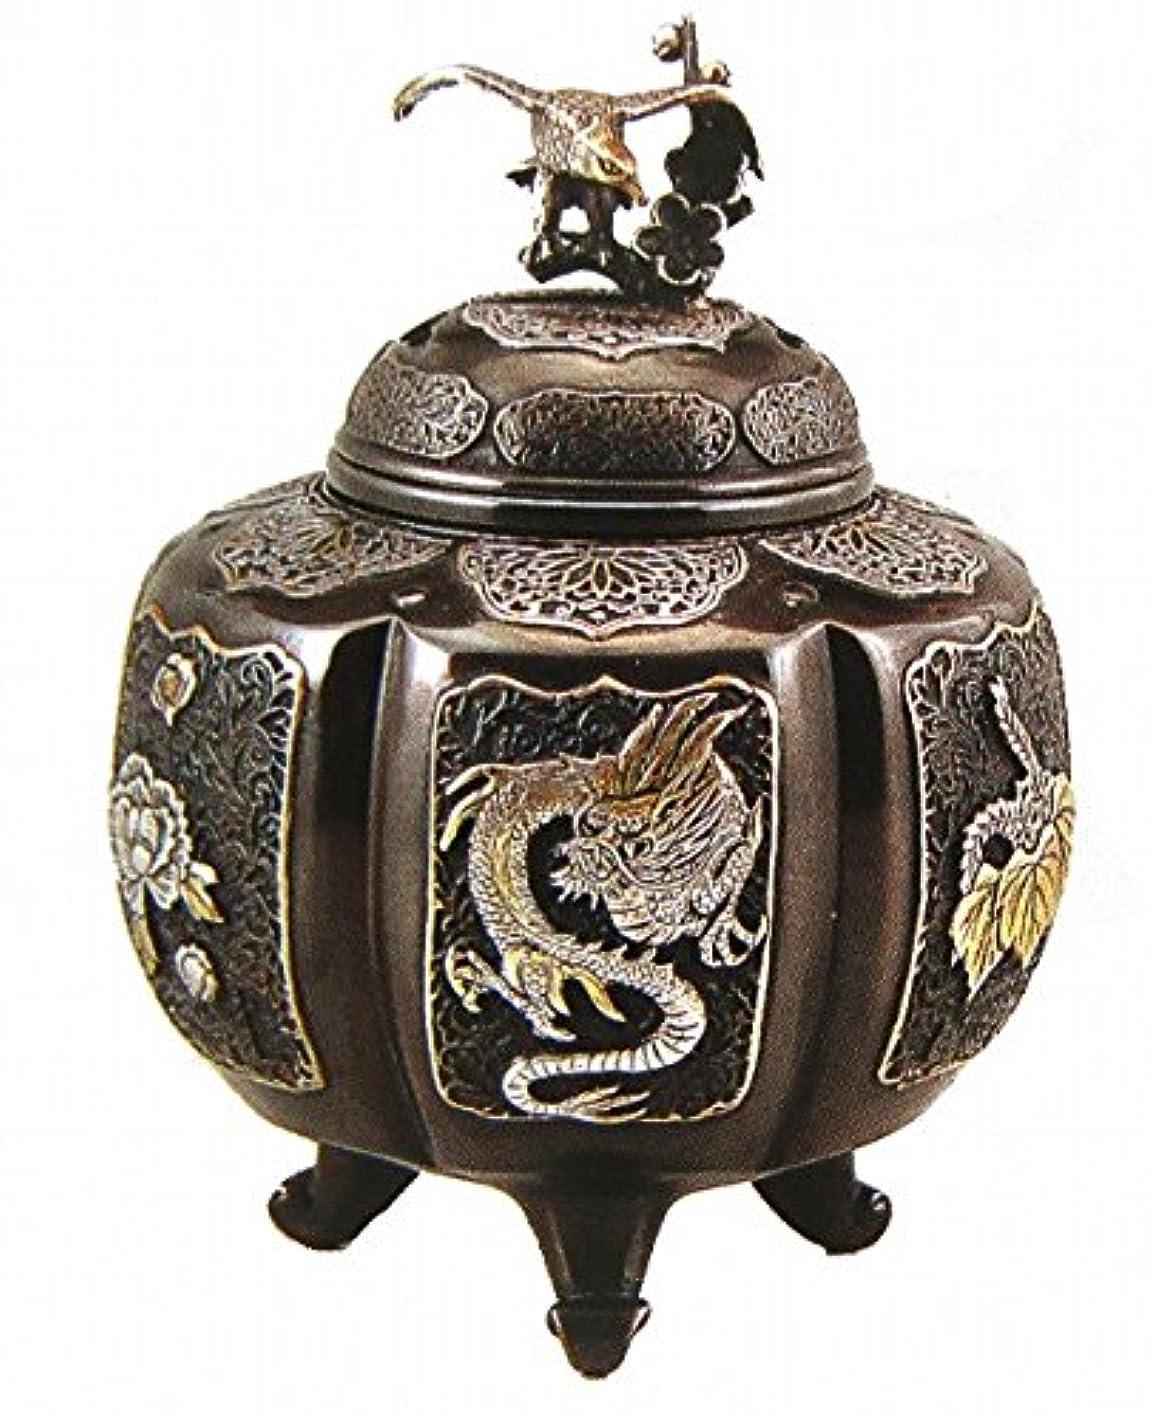 約束するガソリンピース『六面吉祥地紋香炉』銅製